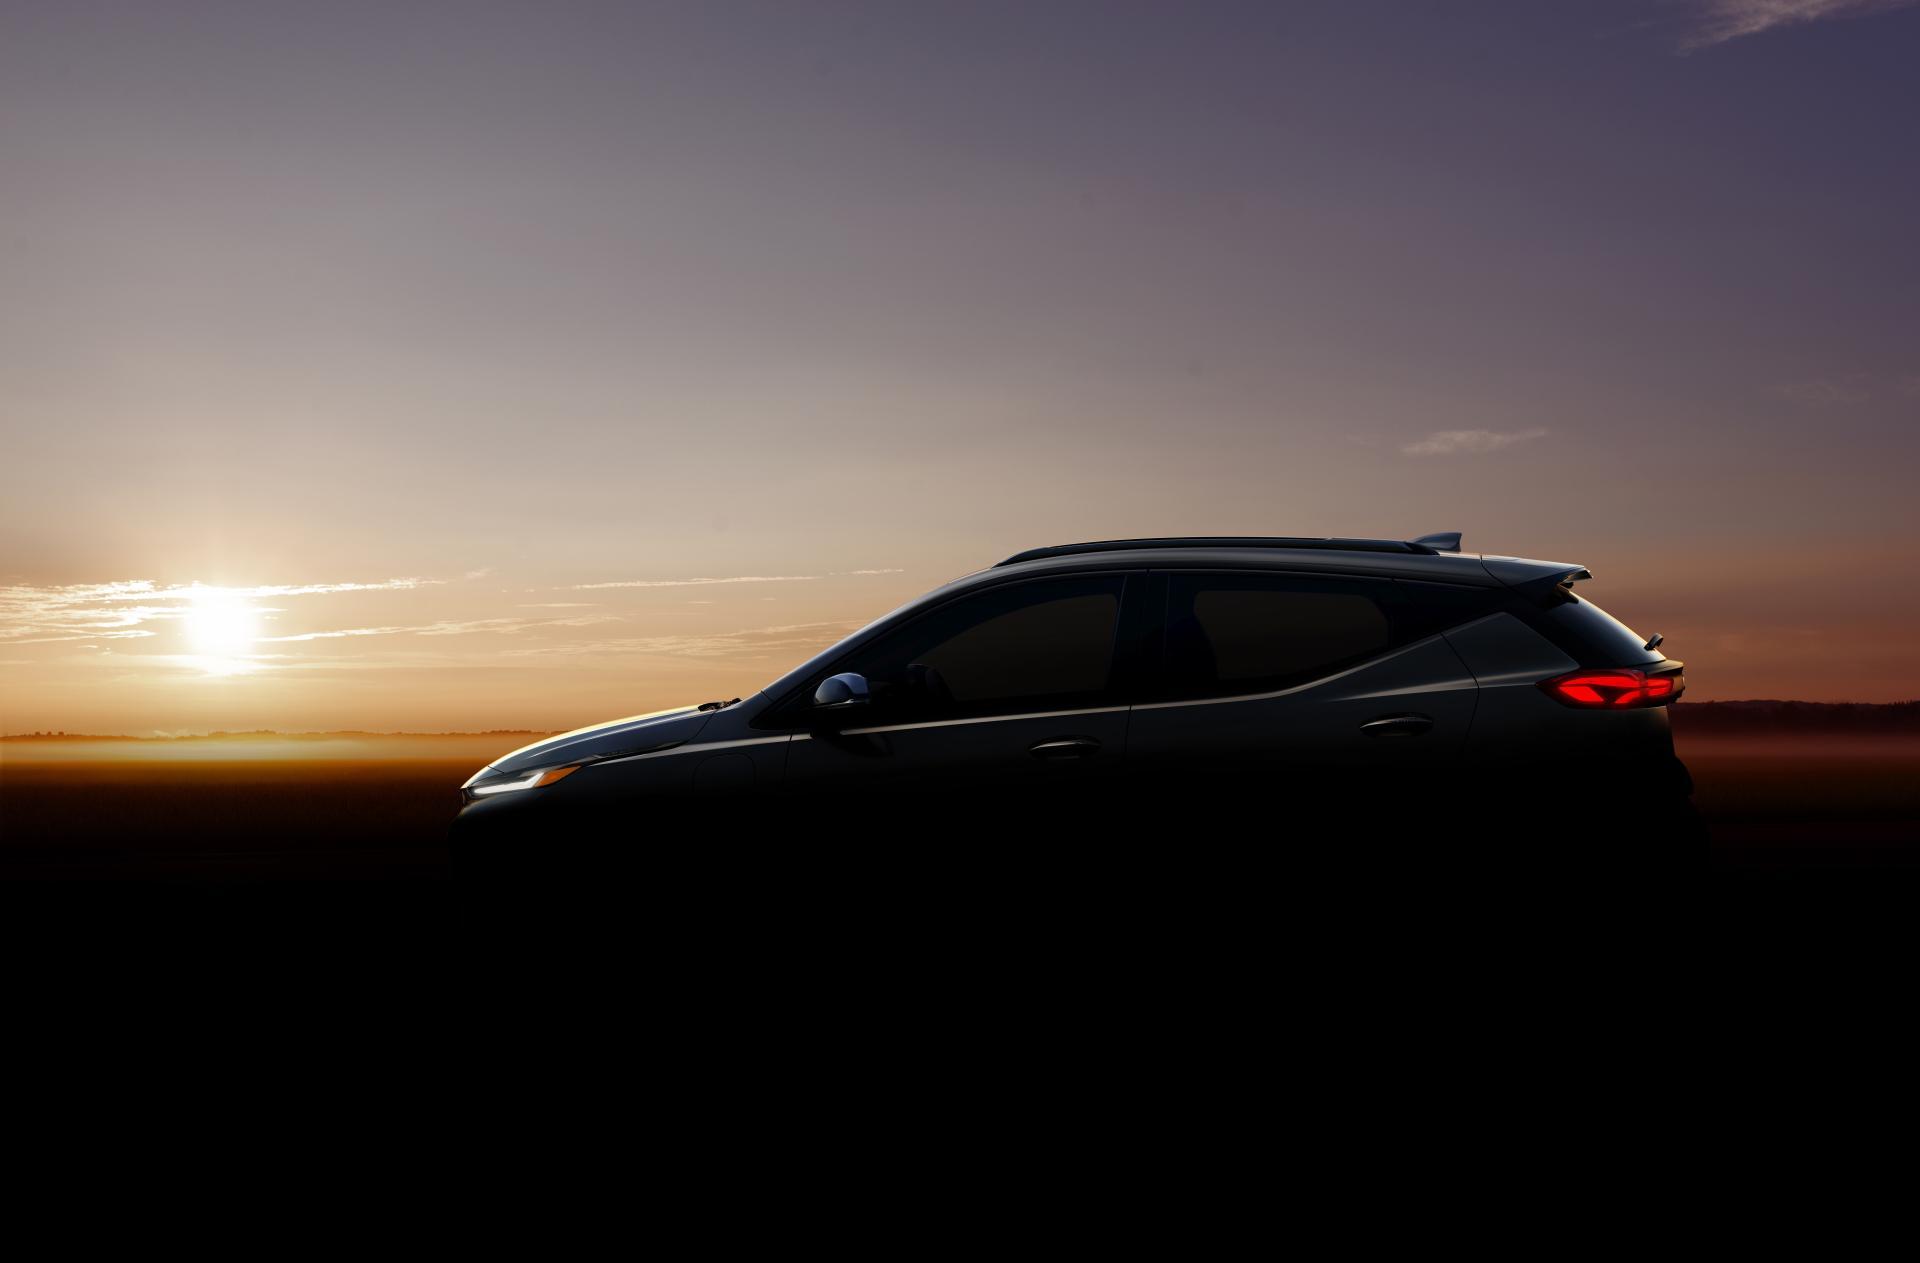 General Motors: Verbrenner-Aus in 2035 - großer Hersteller setzt Zeichen!